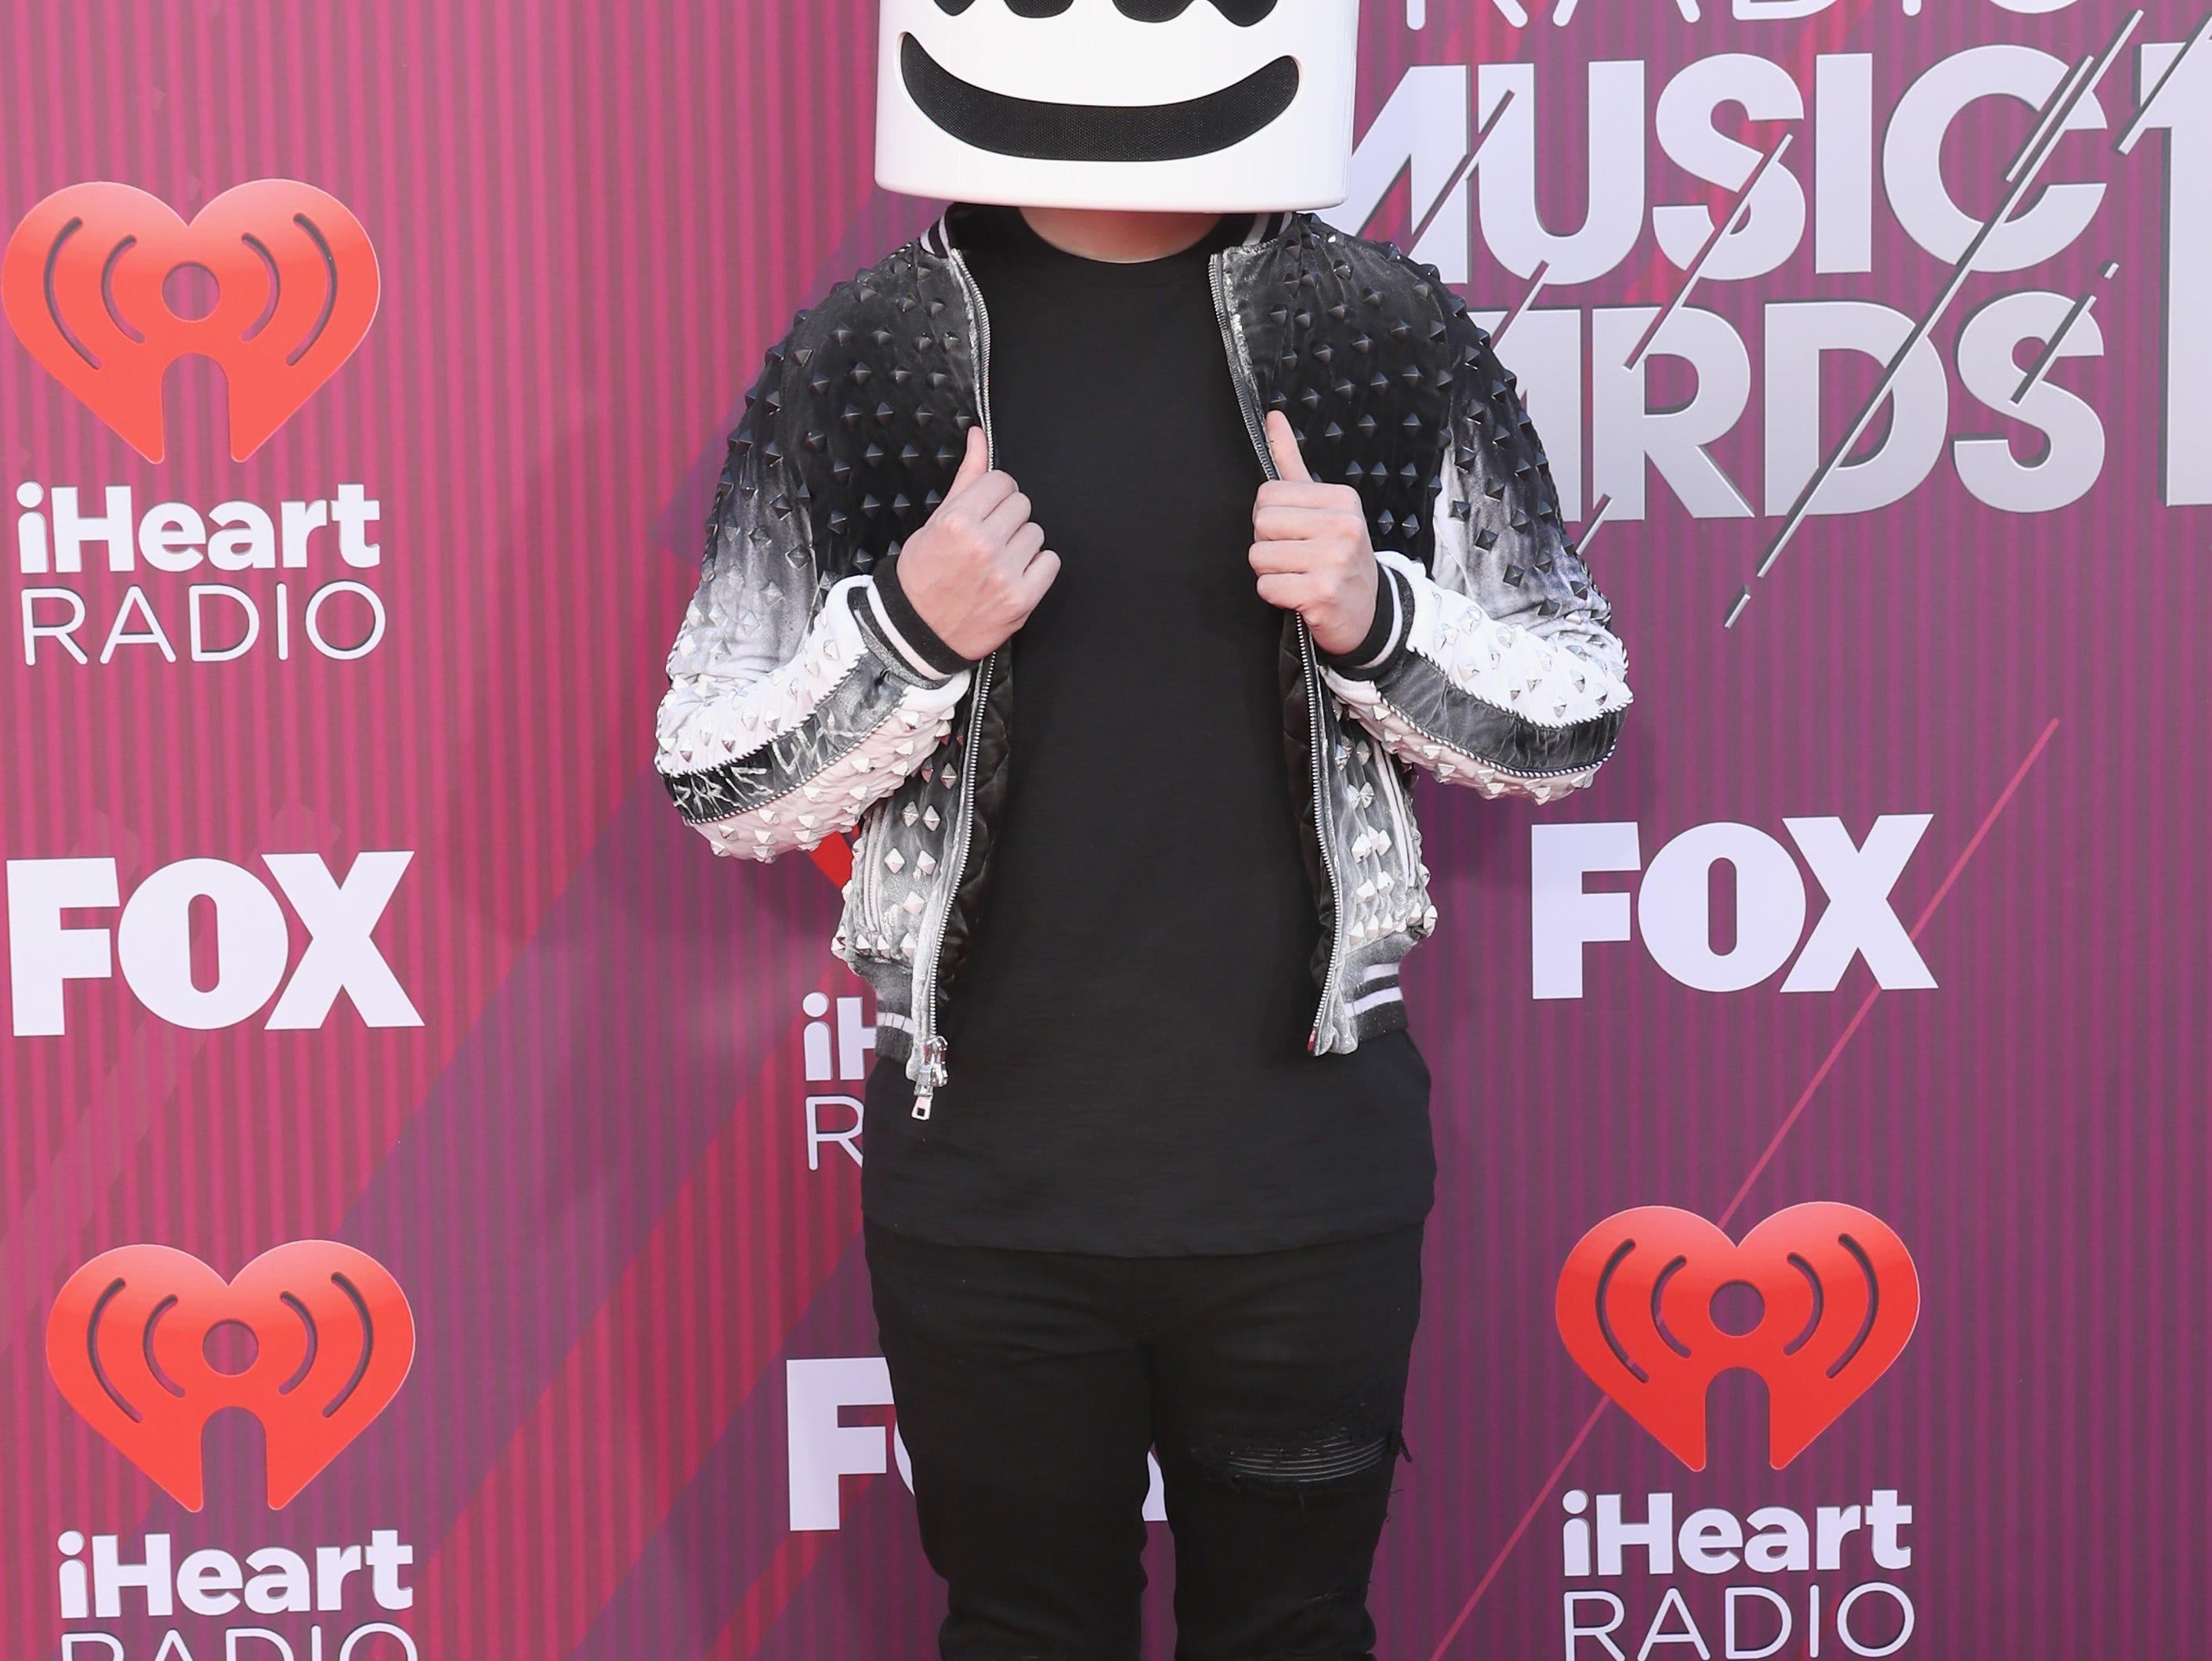 Marshmello a su llegada a los premios iHeart Radio Music Awards en 2019 el 14 de marzo de 2019 en Los Angeles, California.